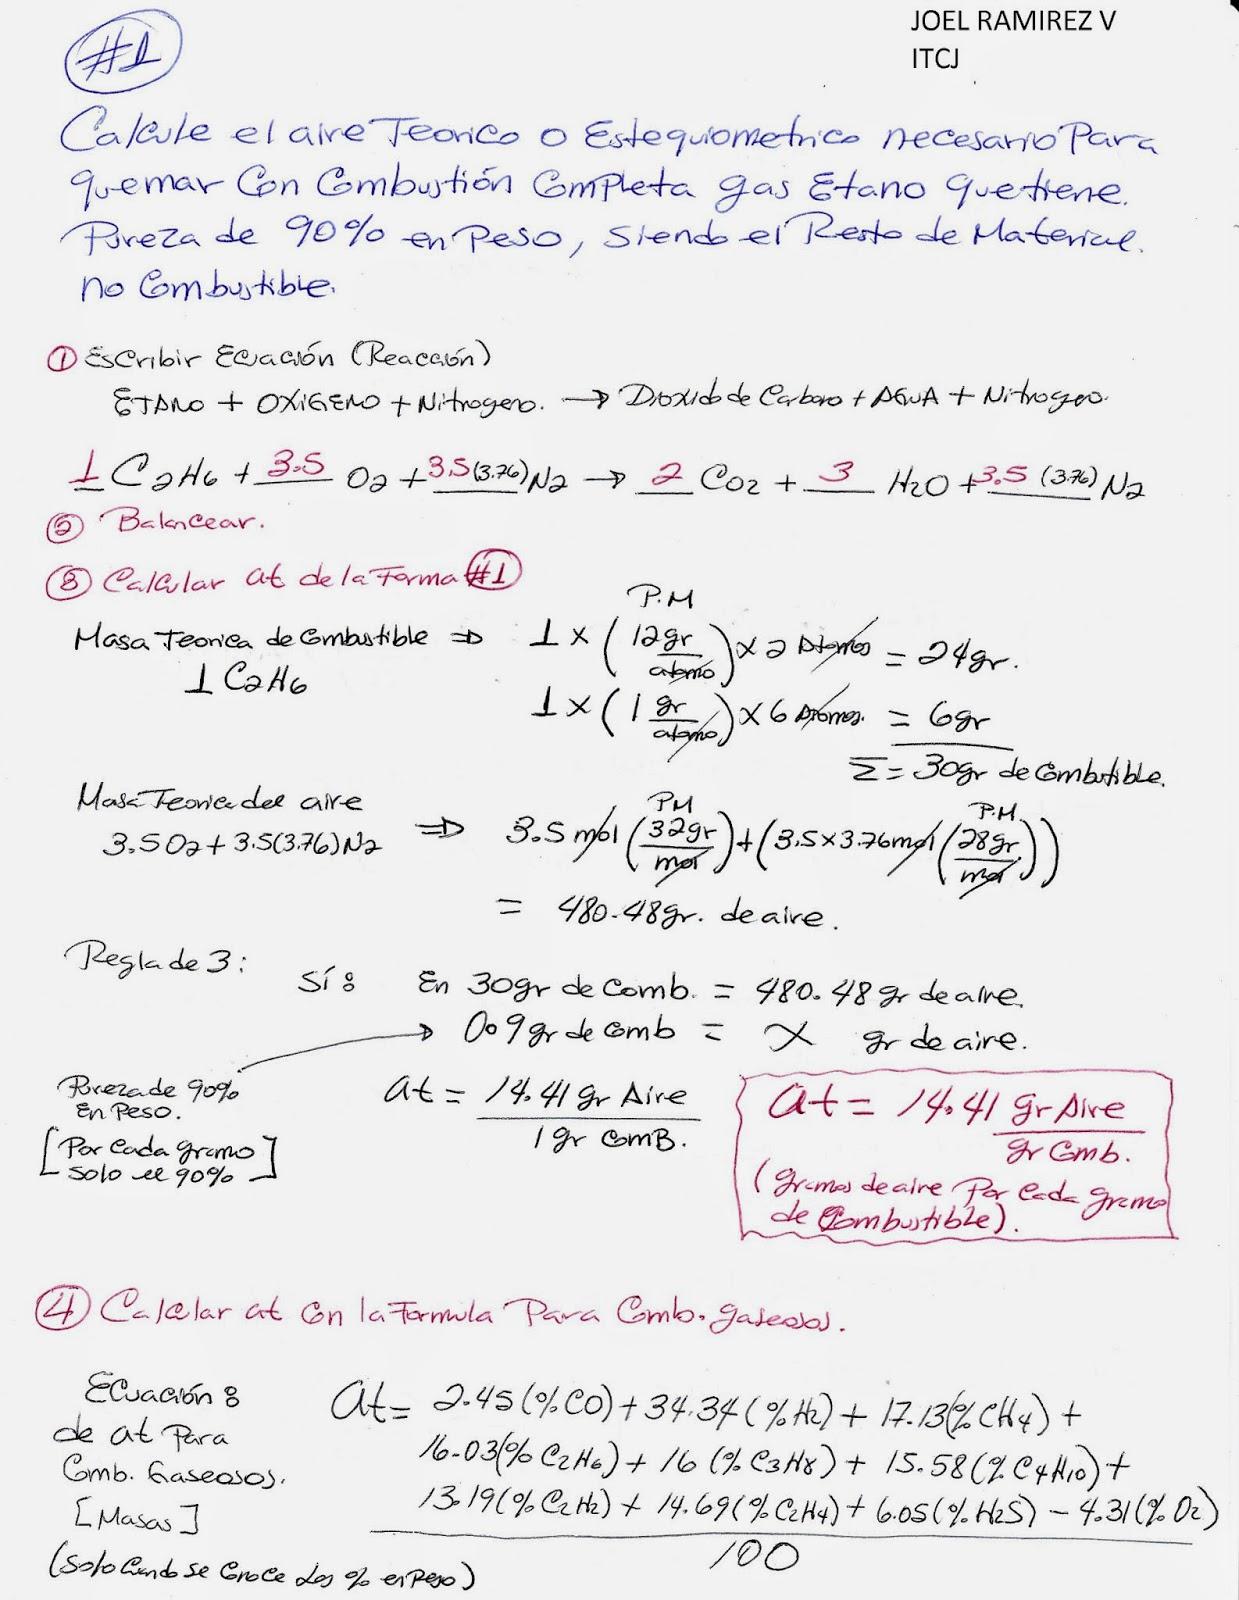 Ejemplo de calculo de aire teórico en una reaccion de combustible ...